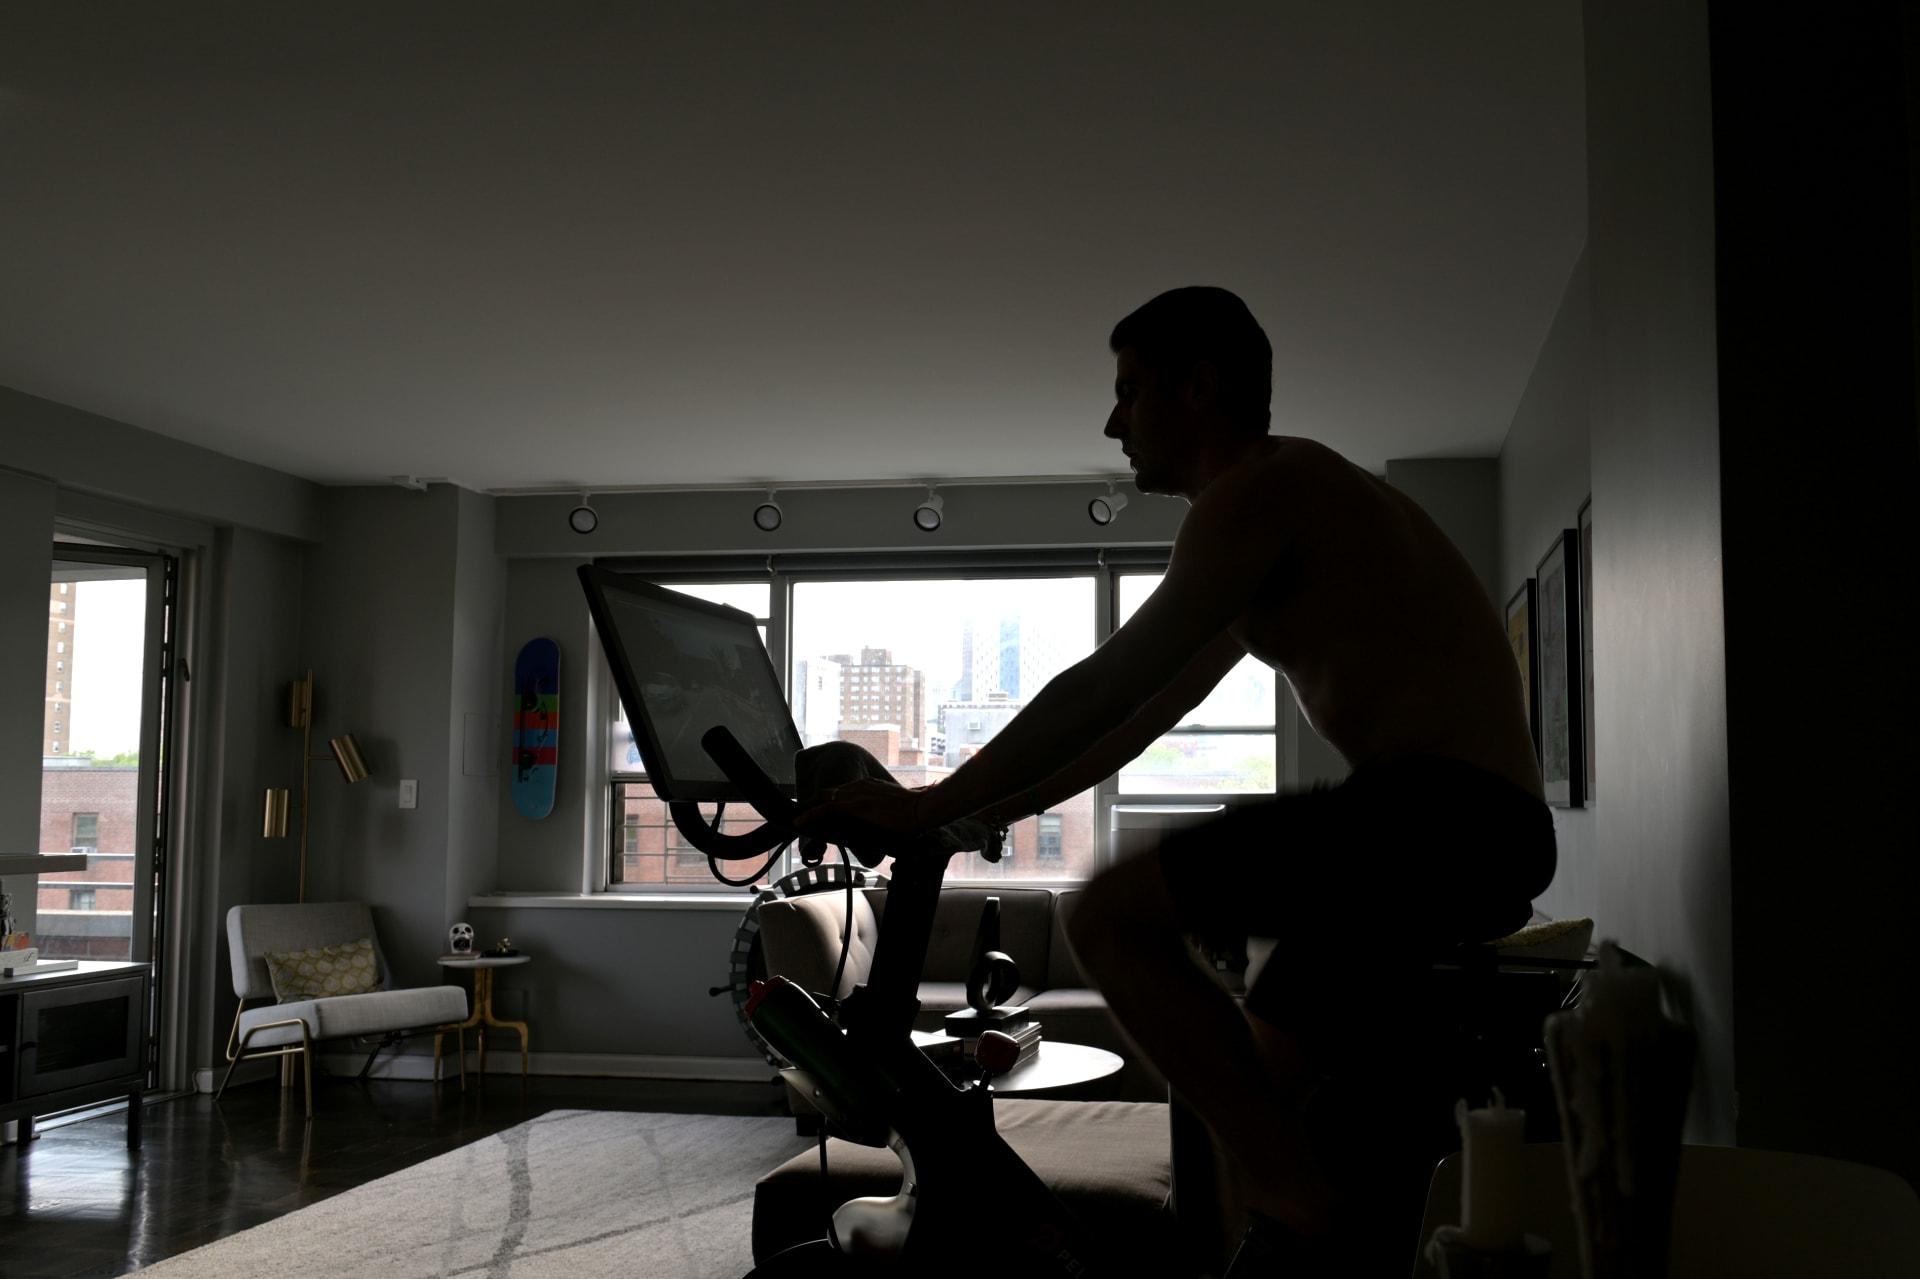 كيف تحول مساحة في منزلك إلى صالة رياضية في ظل جائجة كورونا؟